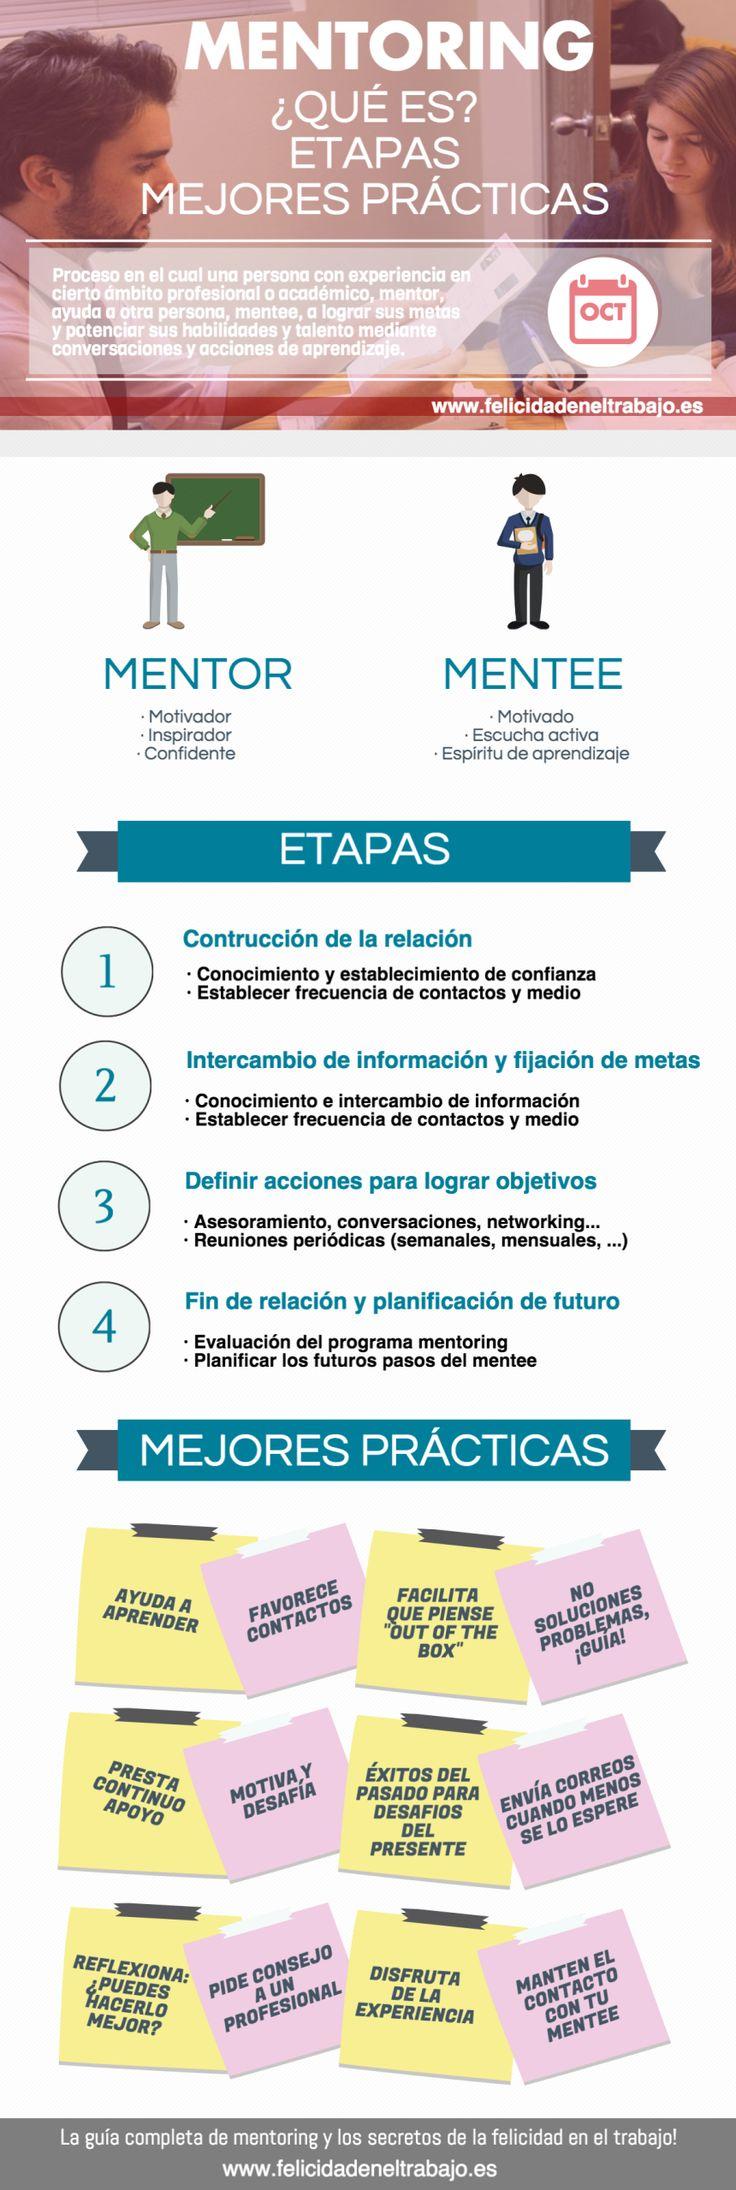 Mentoring: qué es y mejores prácticas #infografia #infographic #education